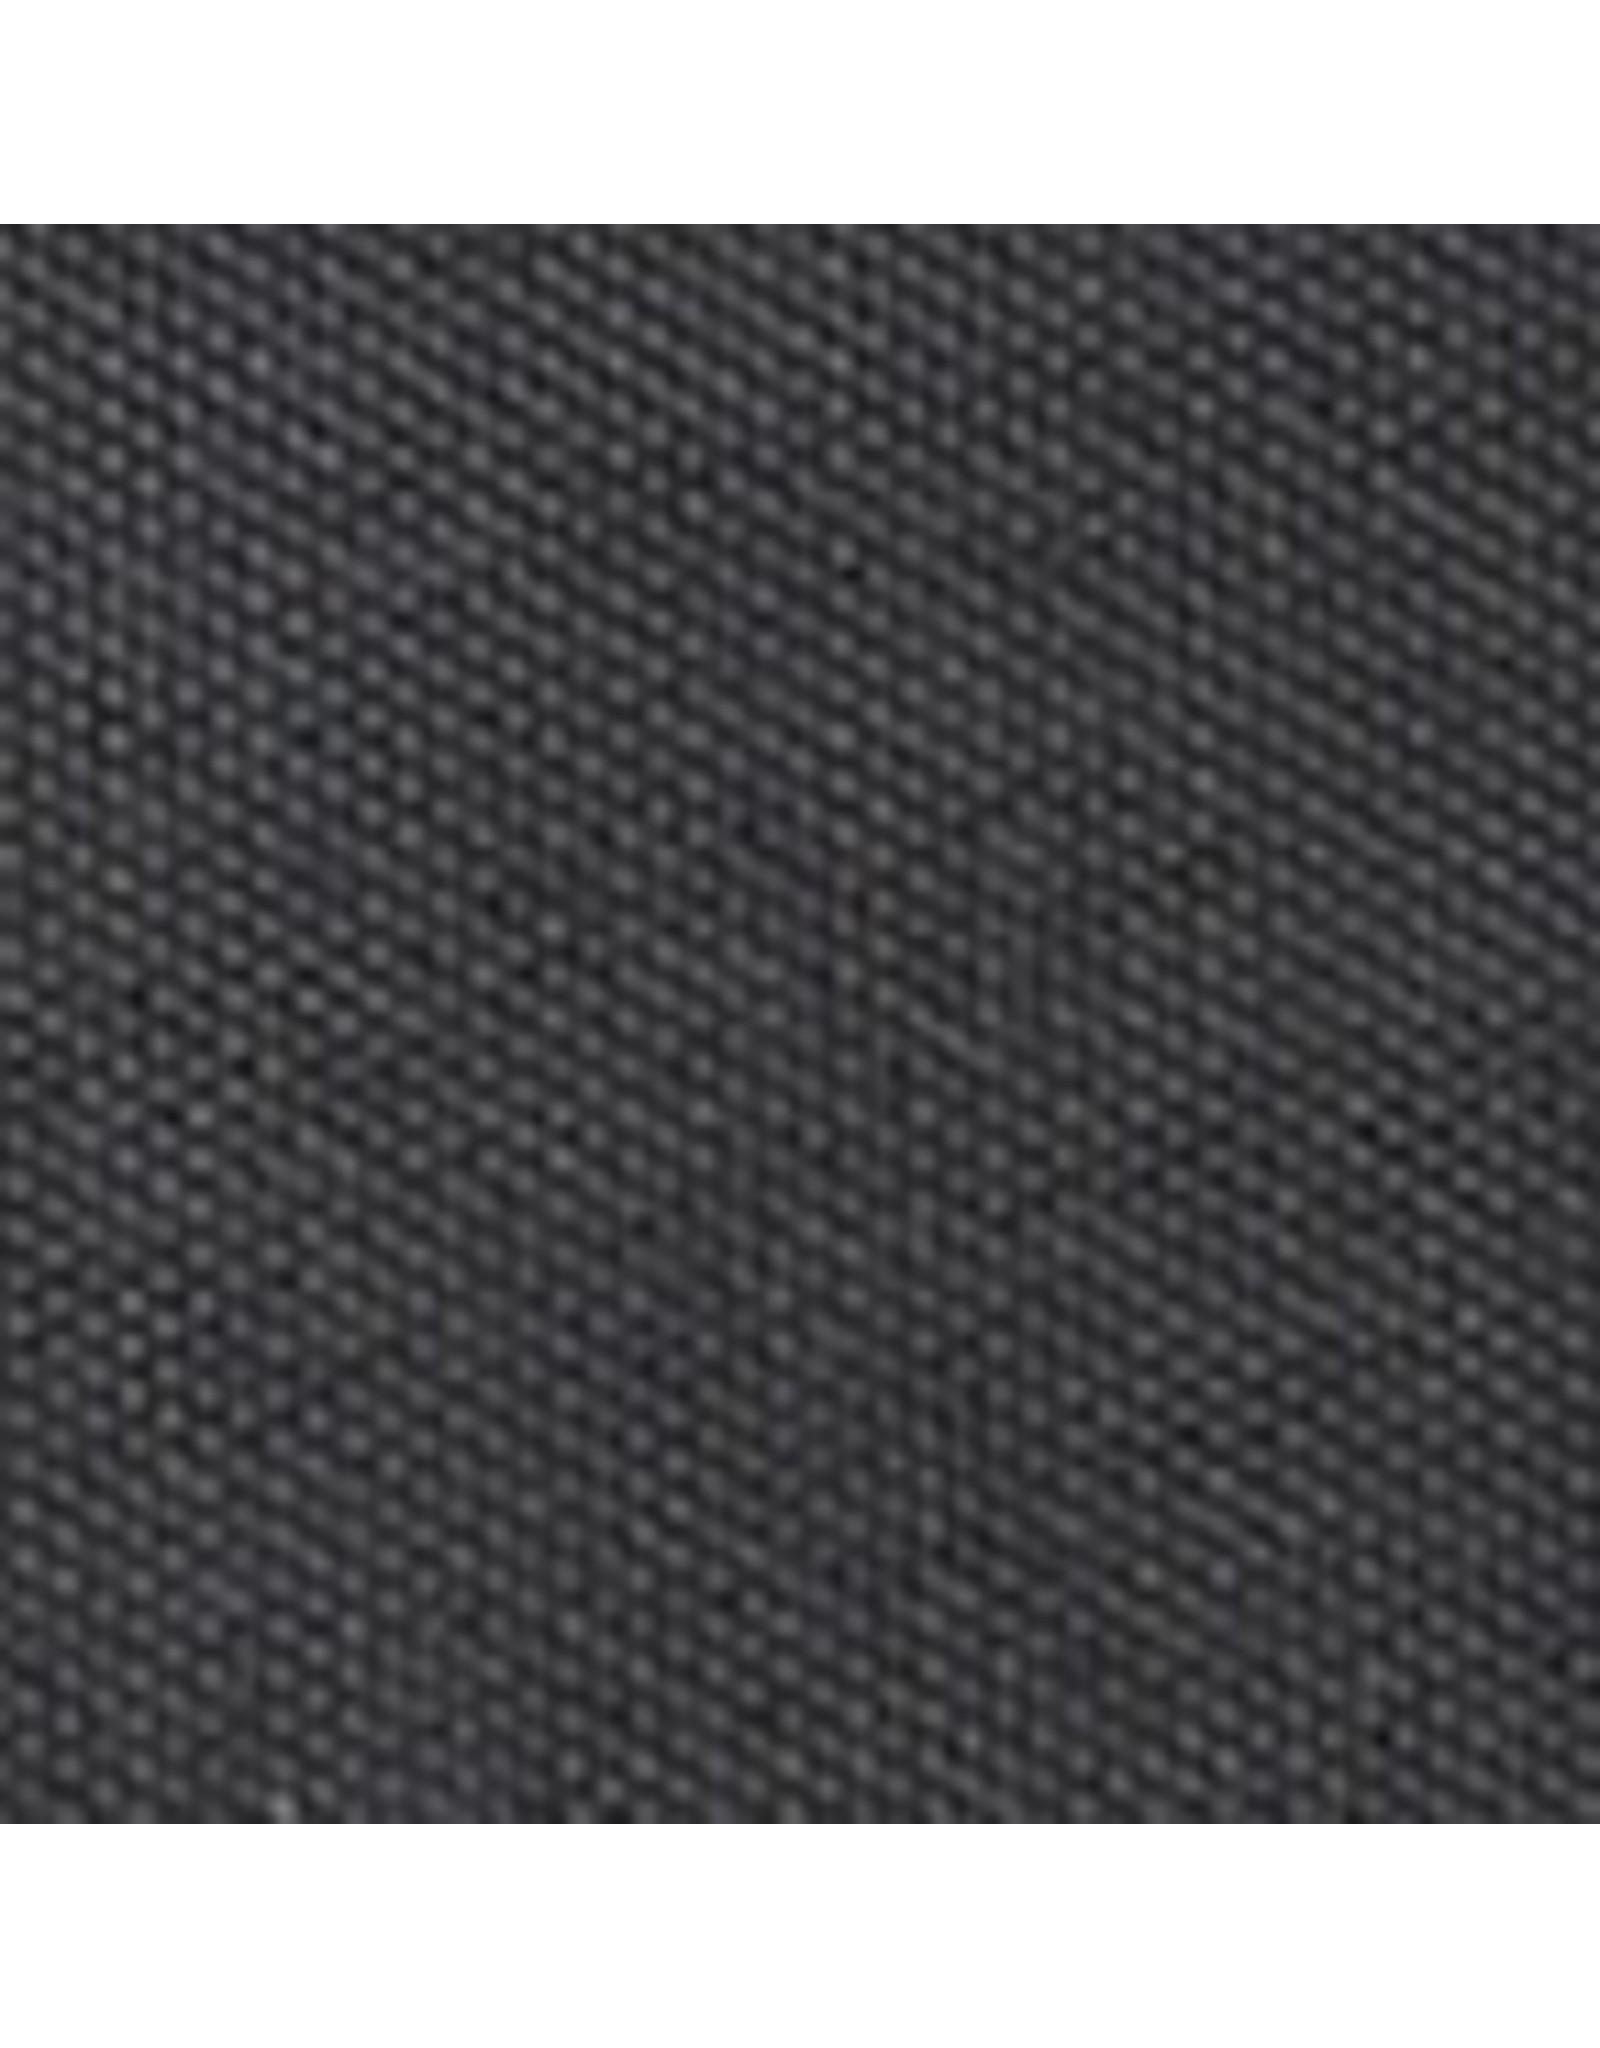 Baggallini Dome Crossbody - Black